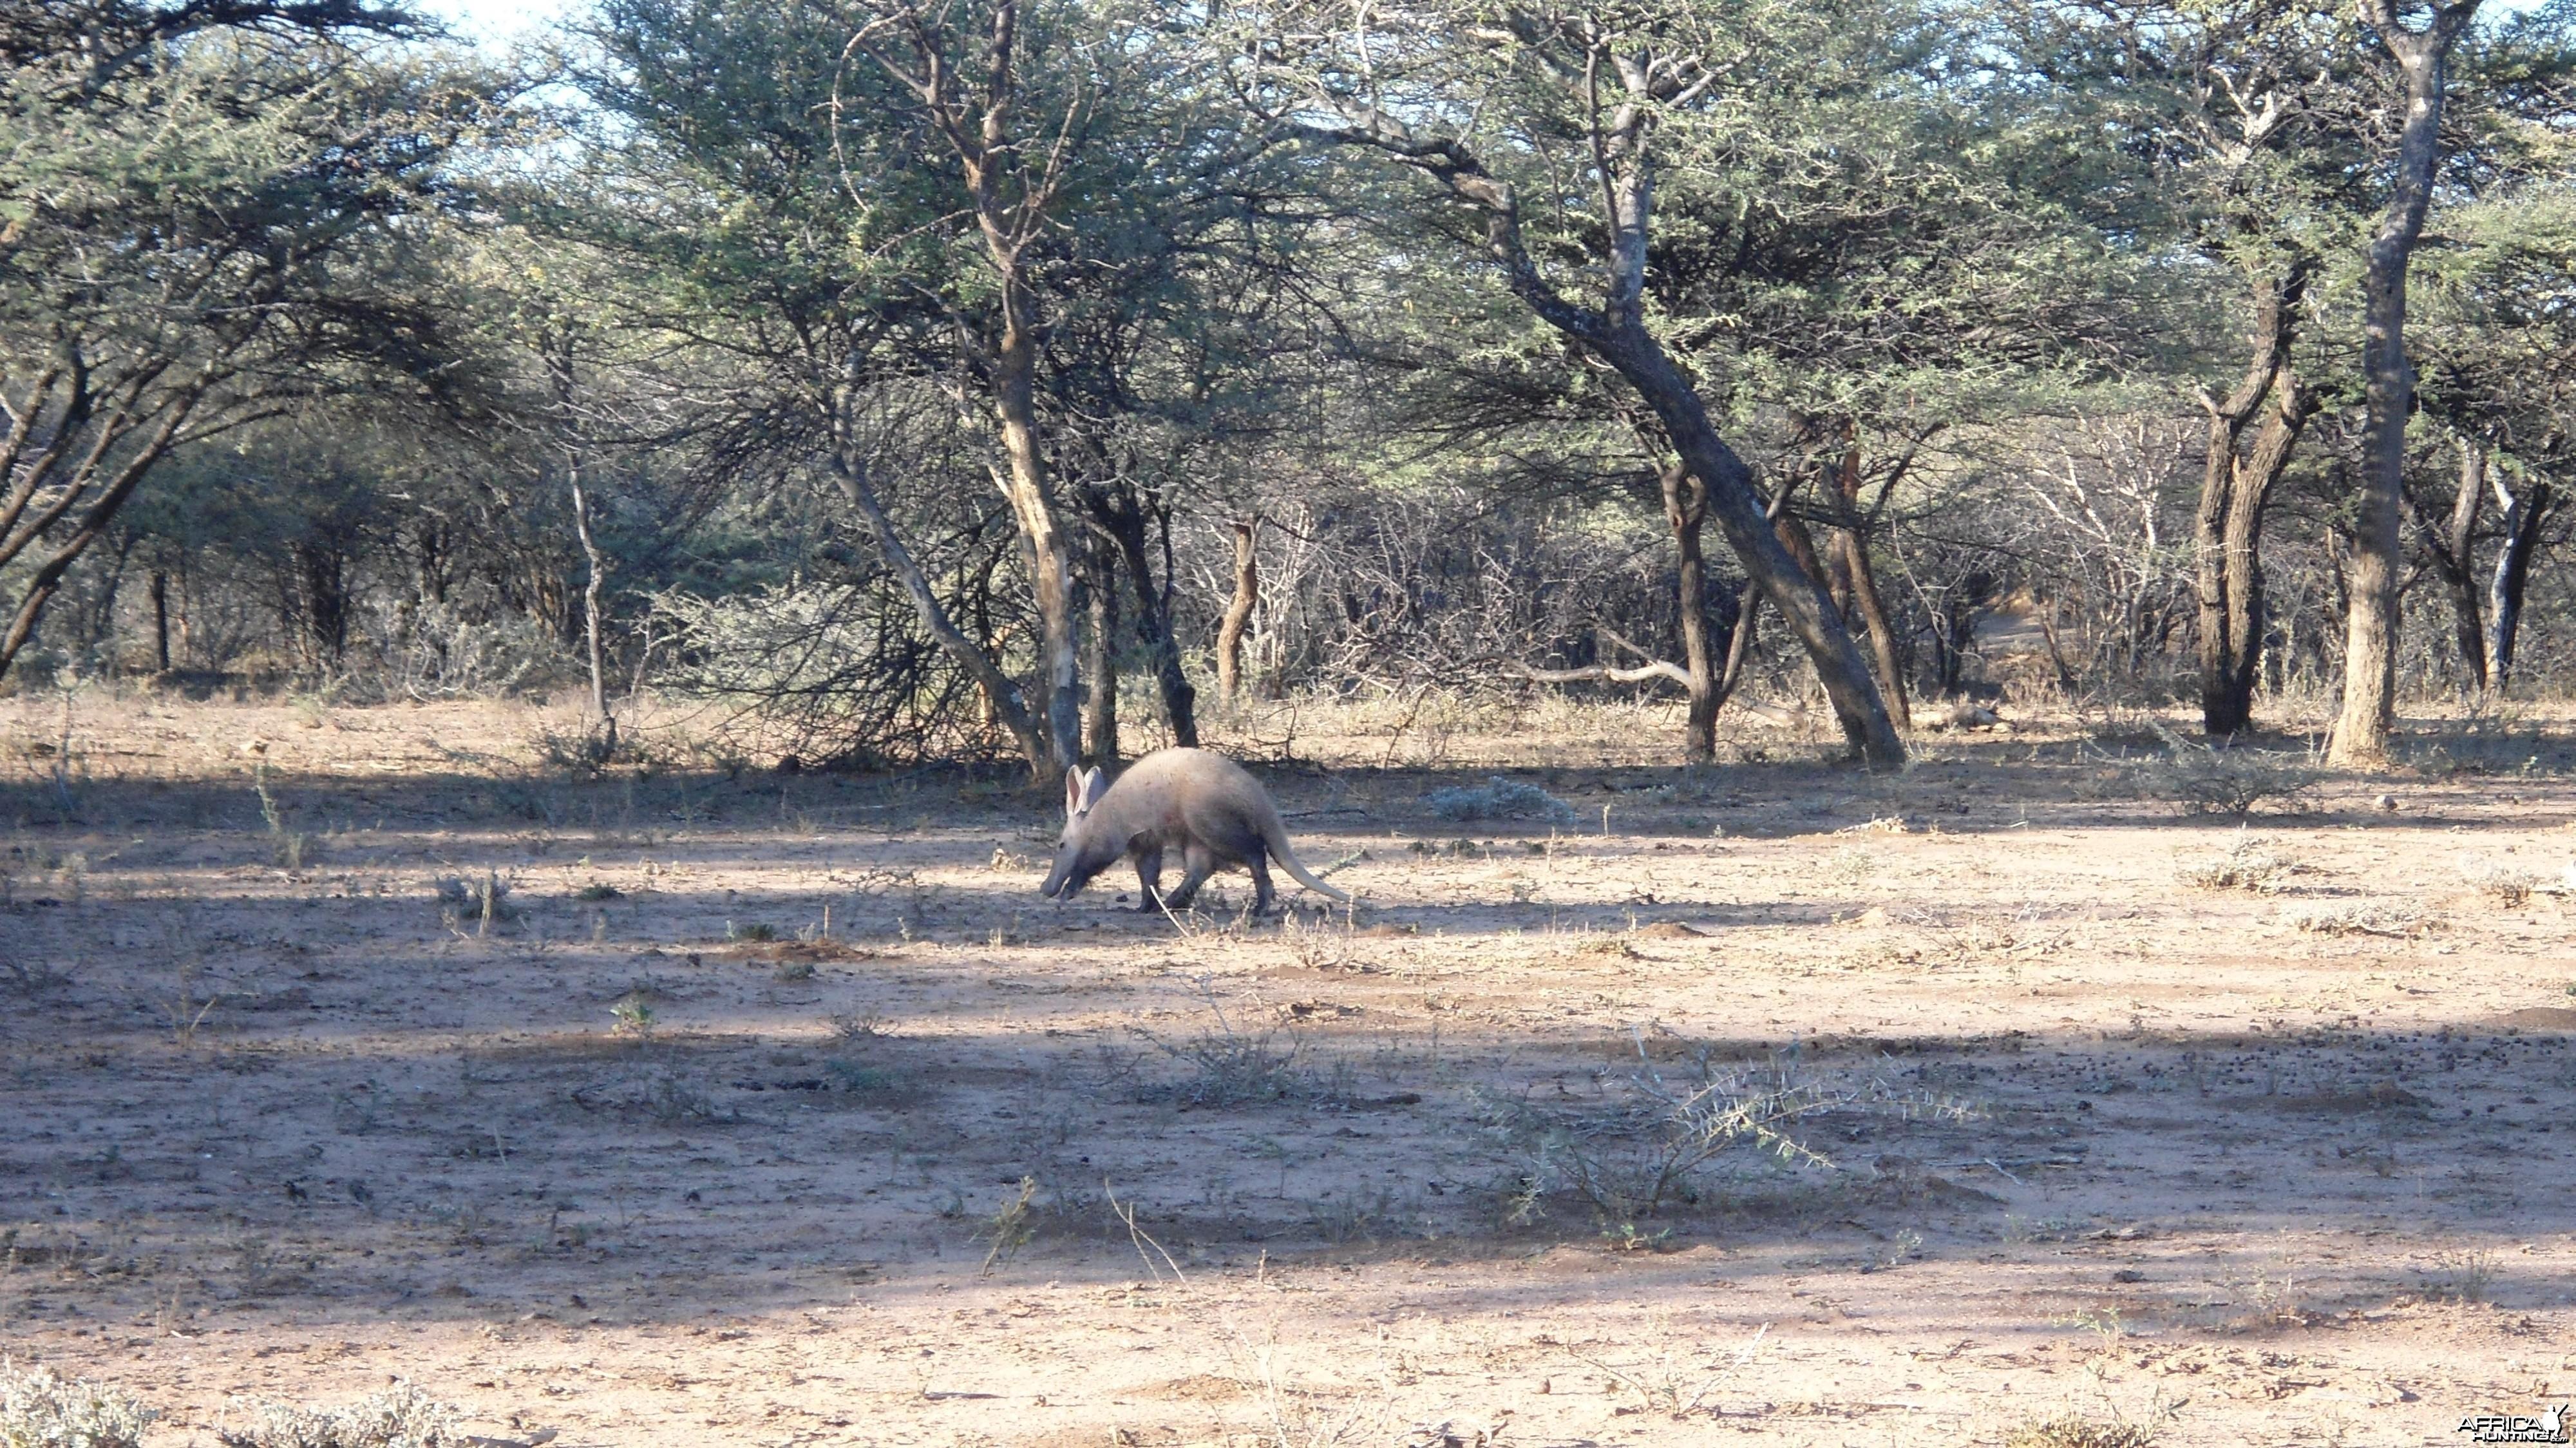 Aardvark or Antbear Namibia